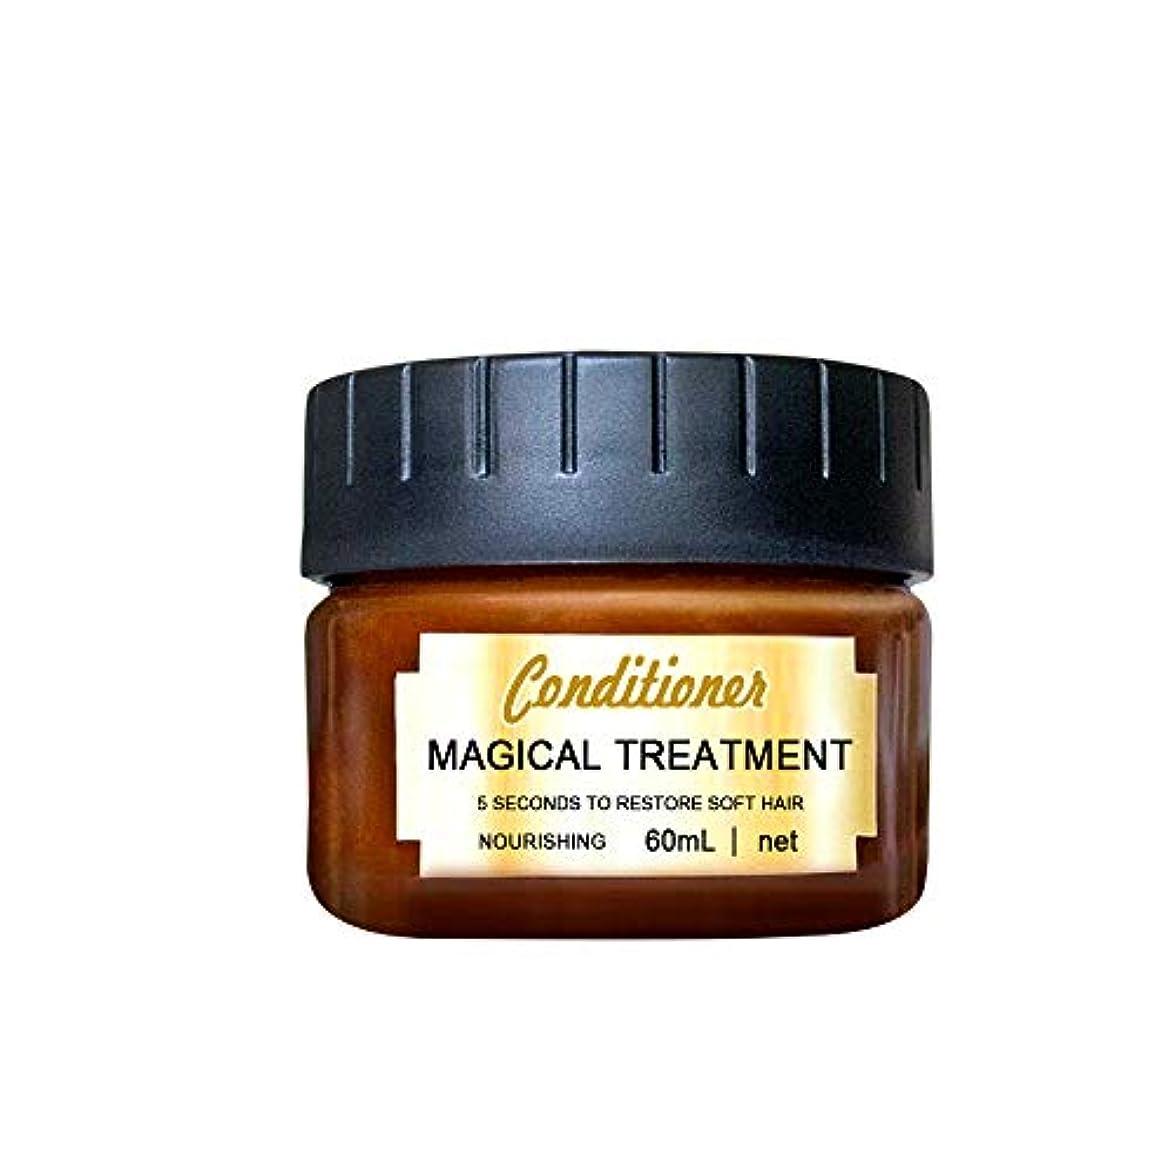 ルート繊細柱DOUJI植物成分 ヘアケア リッチリペア コンディショナー60mlダメージのある髪へ 弾力性回復 高度な分子毛根治療回復 髪の栄養素を補給トリートメント